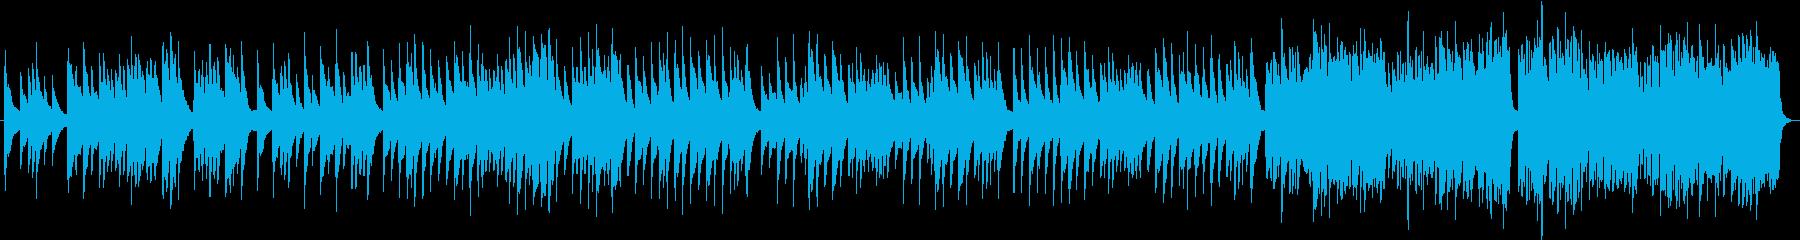 お正月の歌2曲メドレー 琴バージョンの再生済みの波形